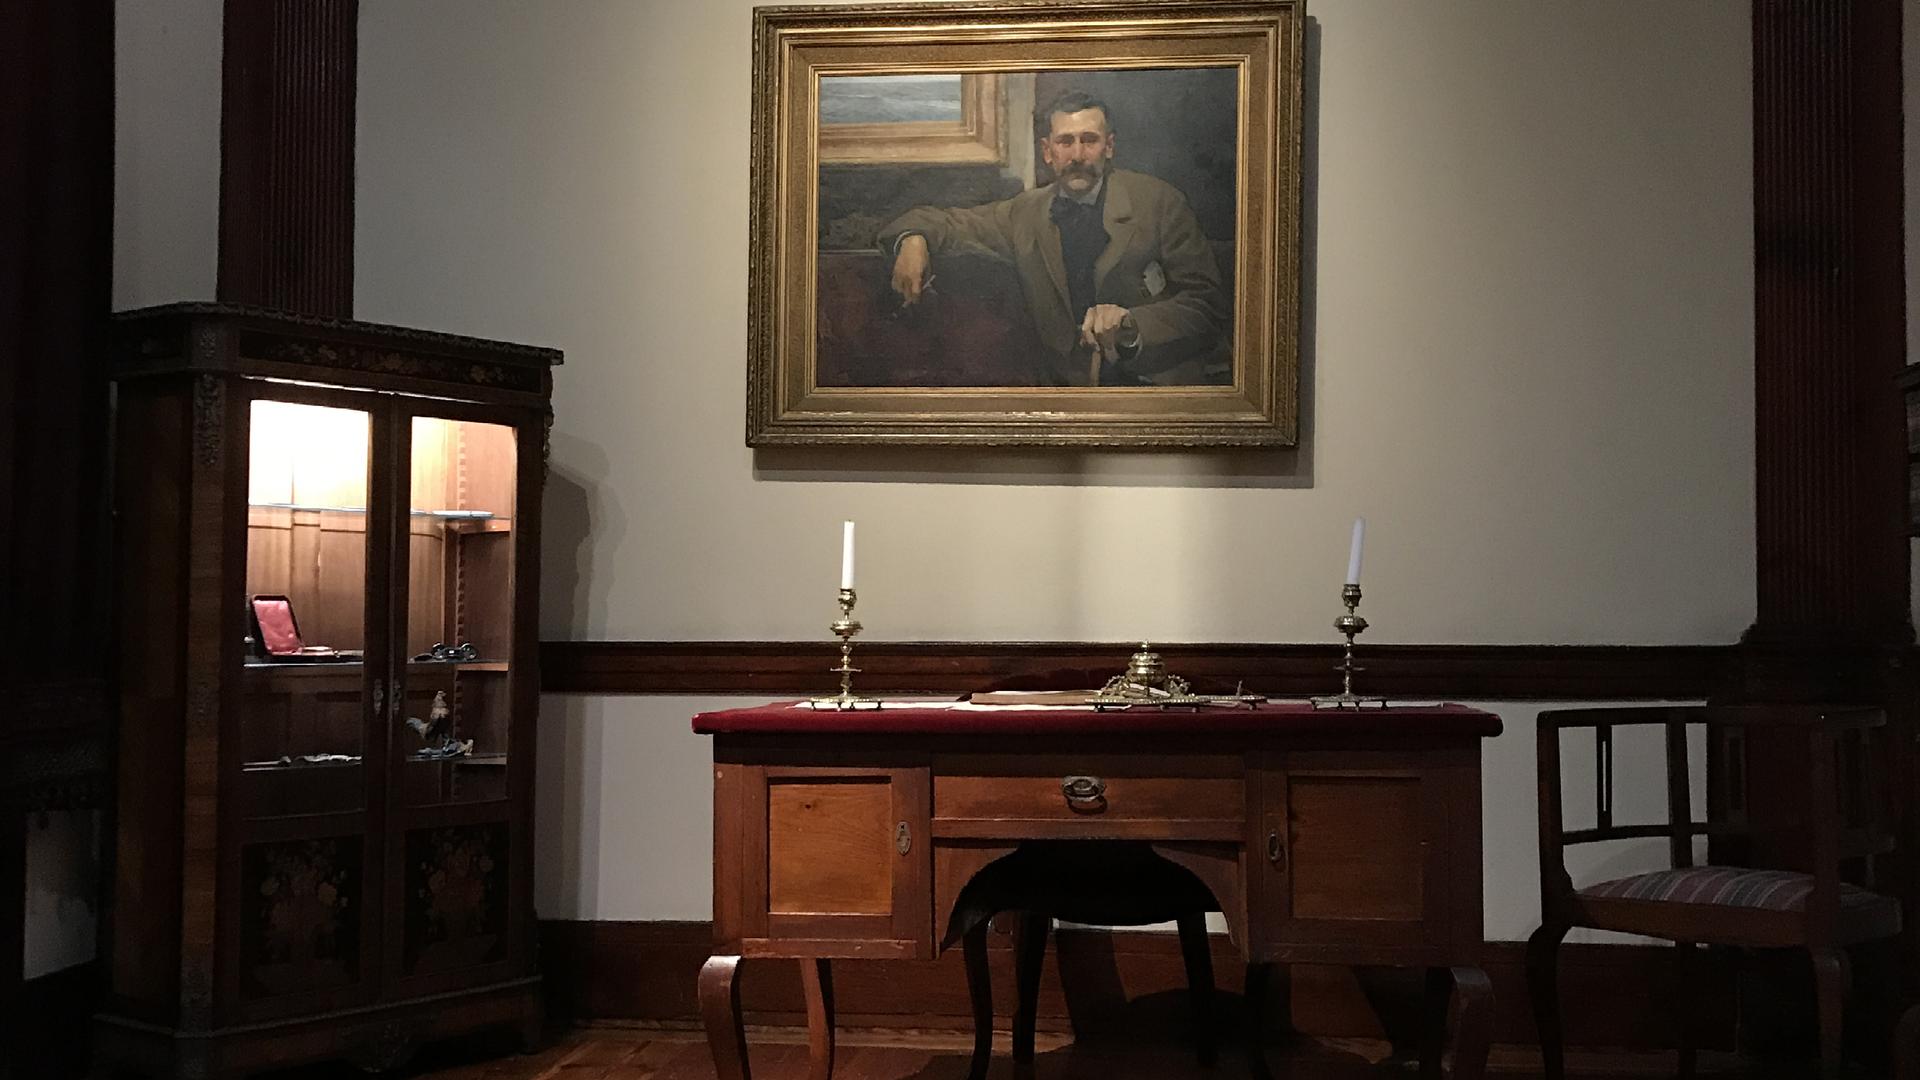 Casa-Museo de Benito Pérez Galdós (Las Palmas de Gran Canaria) - Sputnik Mundo, 1920, 10.05.2021